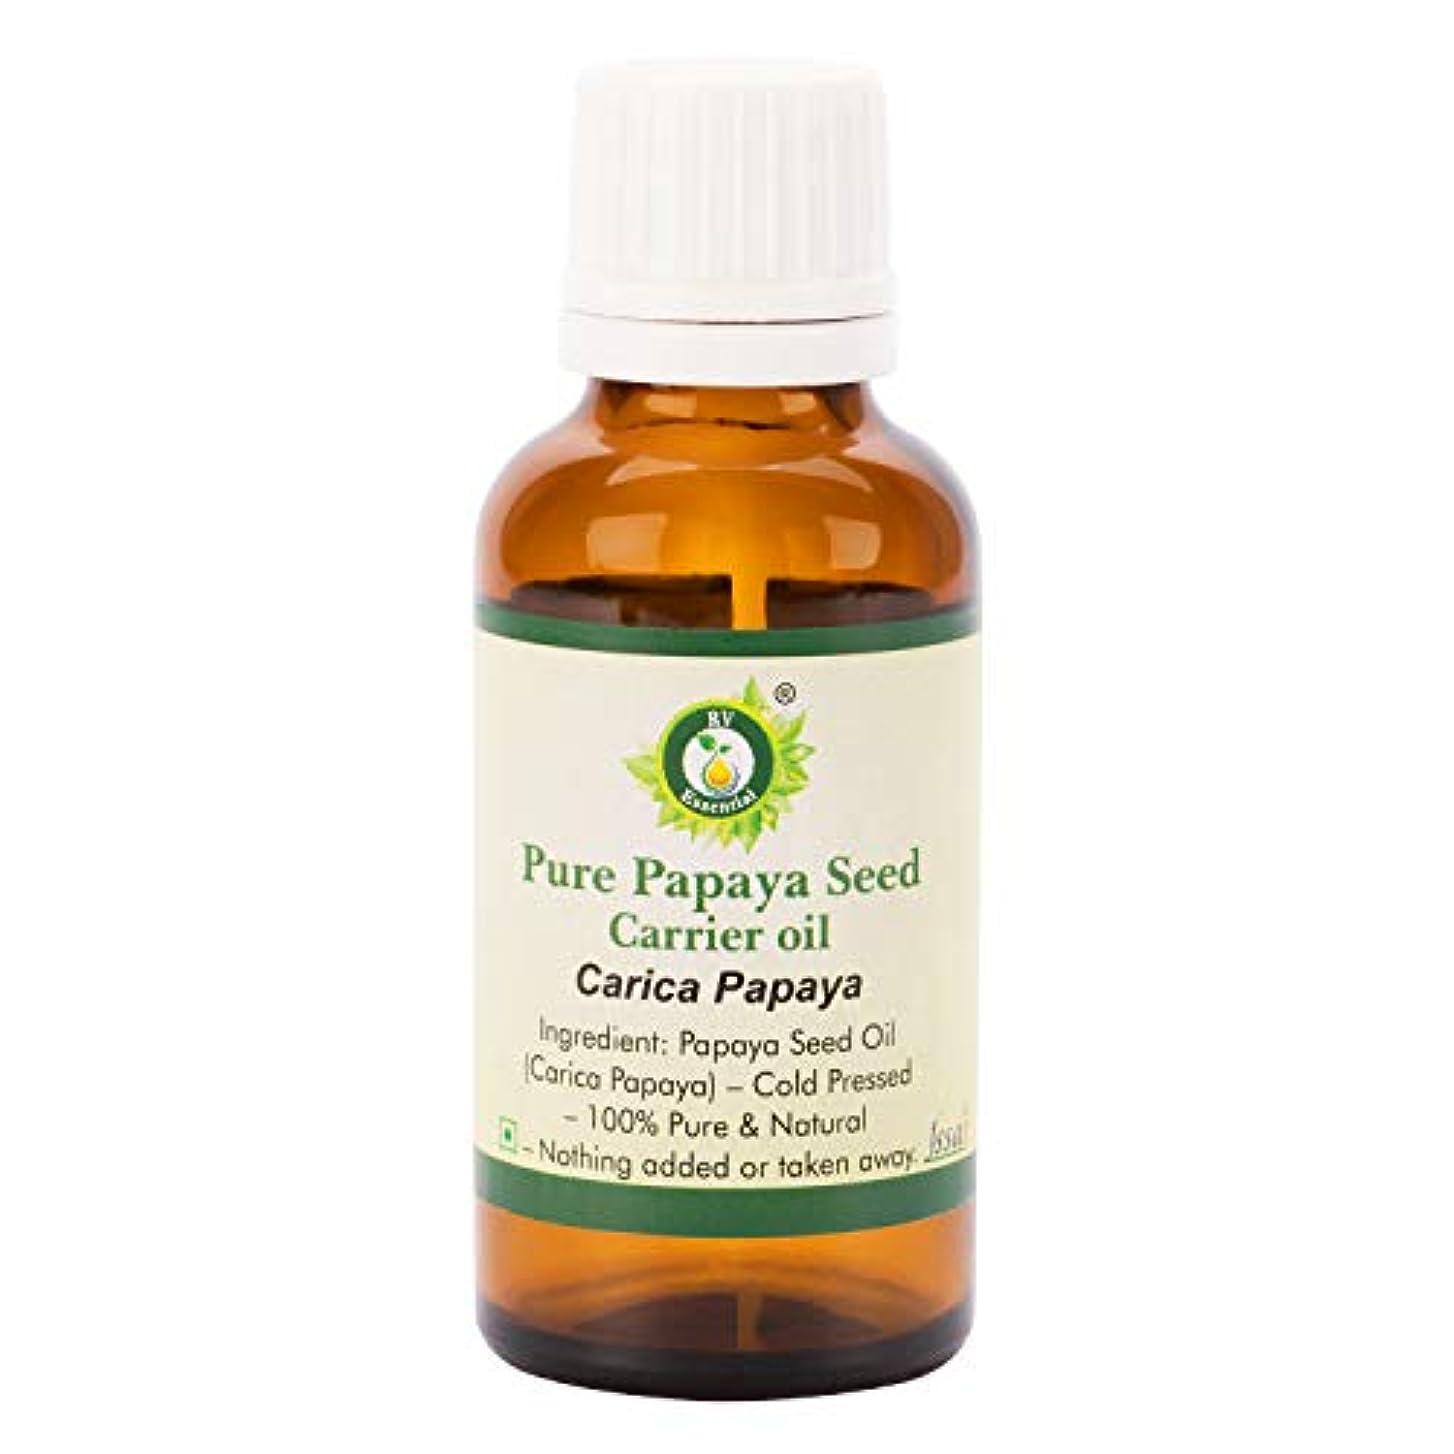 処分したペンス心配純粋なパパイヤ種子キャリアオイル15ml (0.507oz)- Carica Papaya (100%ピュア&ナチュラルコールドPressed) Pure Papaya Seed Carrier Oil